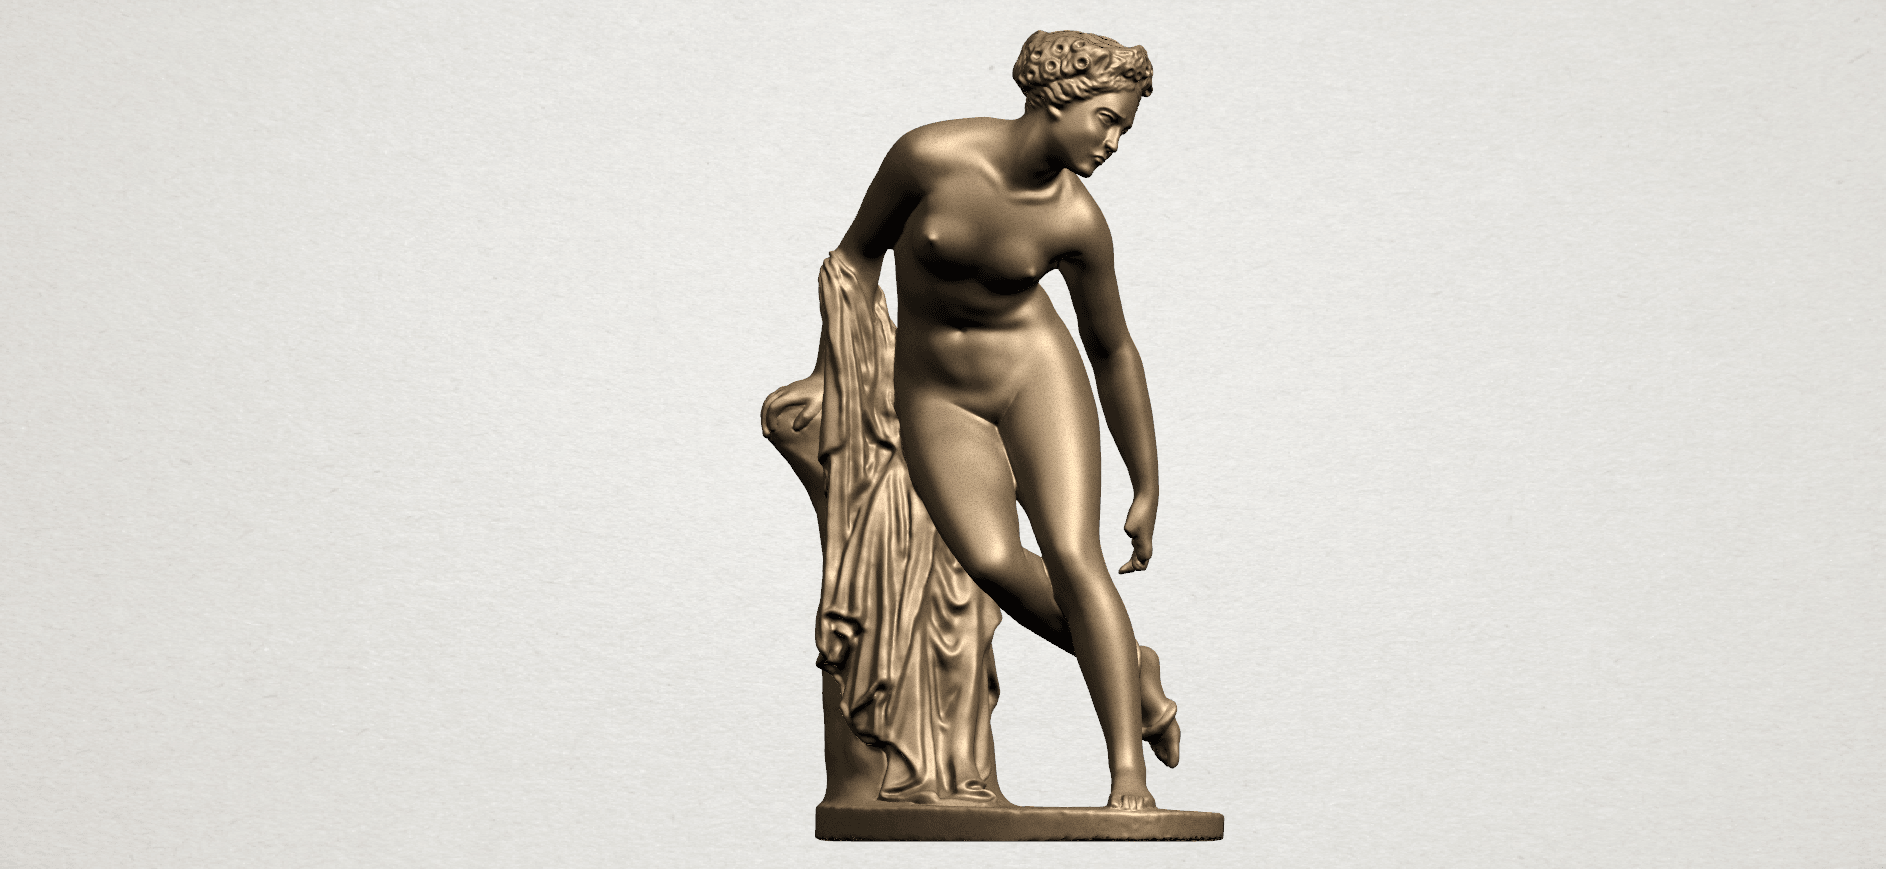 Naked Girl (v) A07.png Download free STL file Naked Girl 05 • 3D printer design, GeorgesNikkei